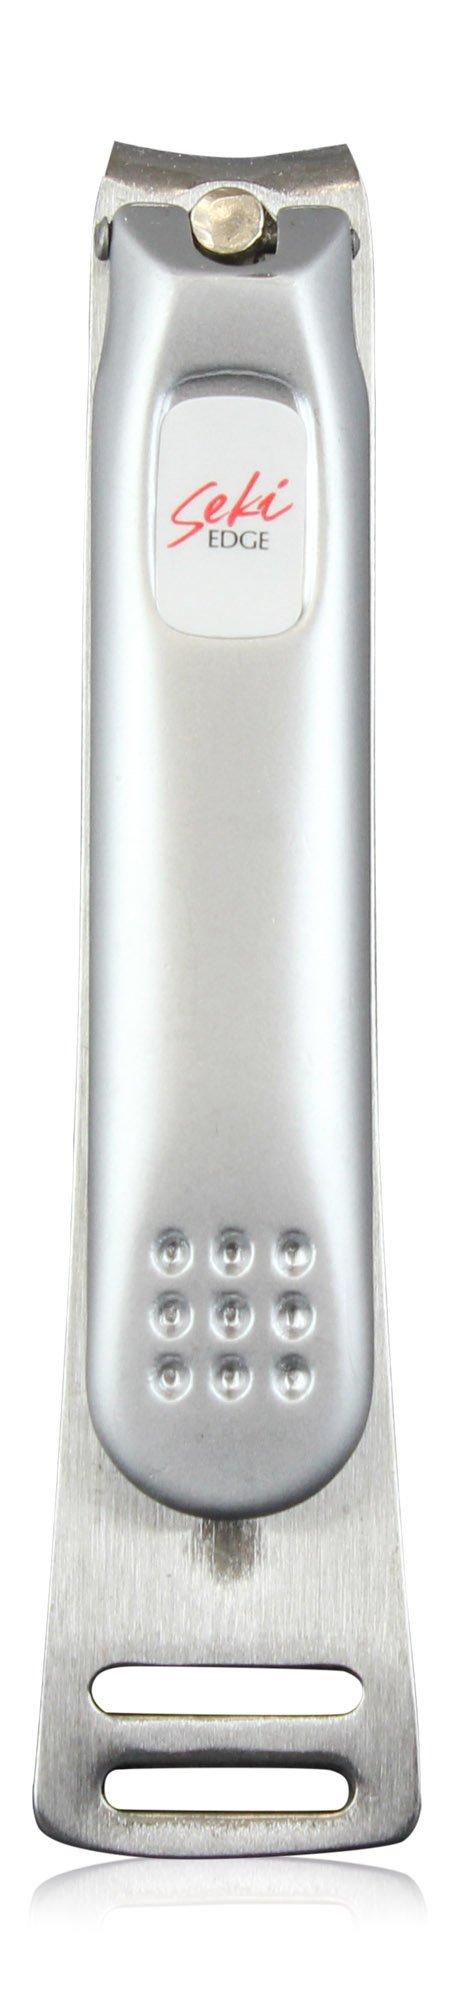 SEKI EDGE SS-107- Stainless Steel Toenail Clipper